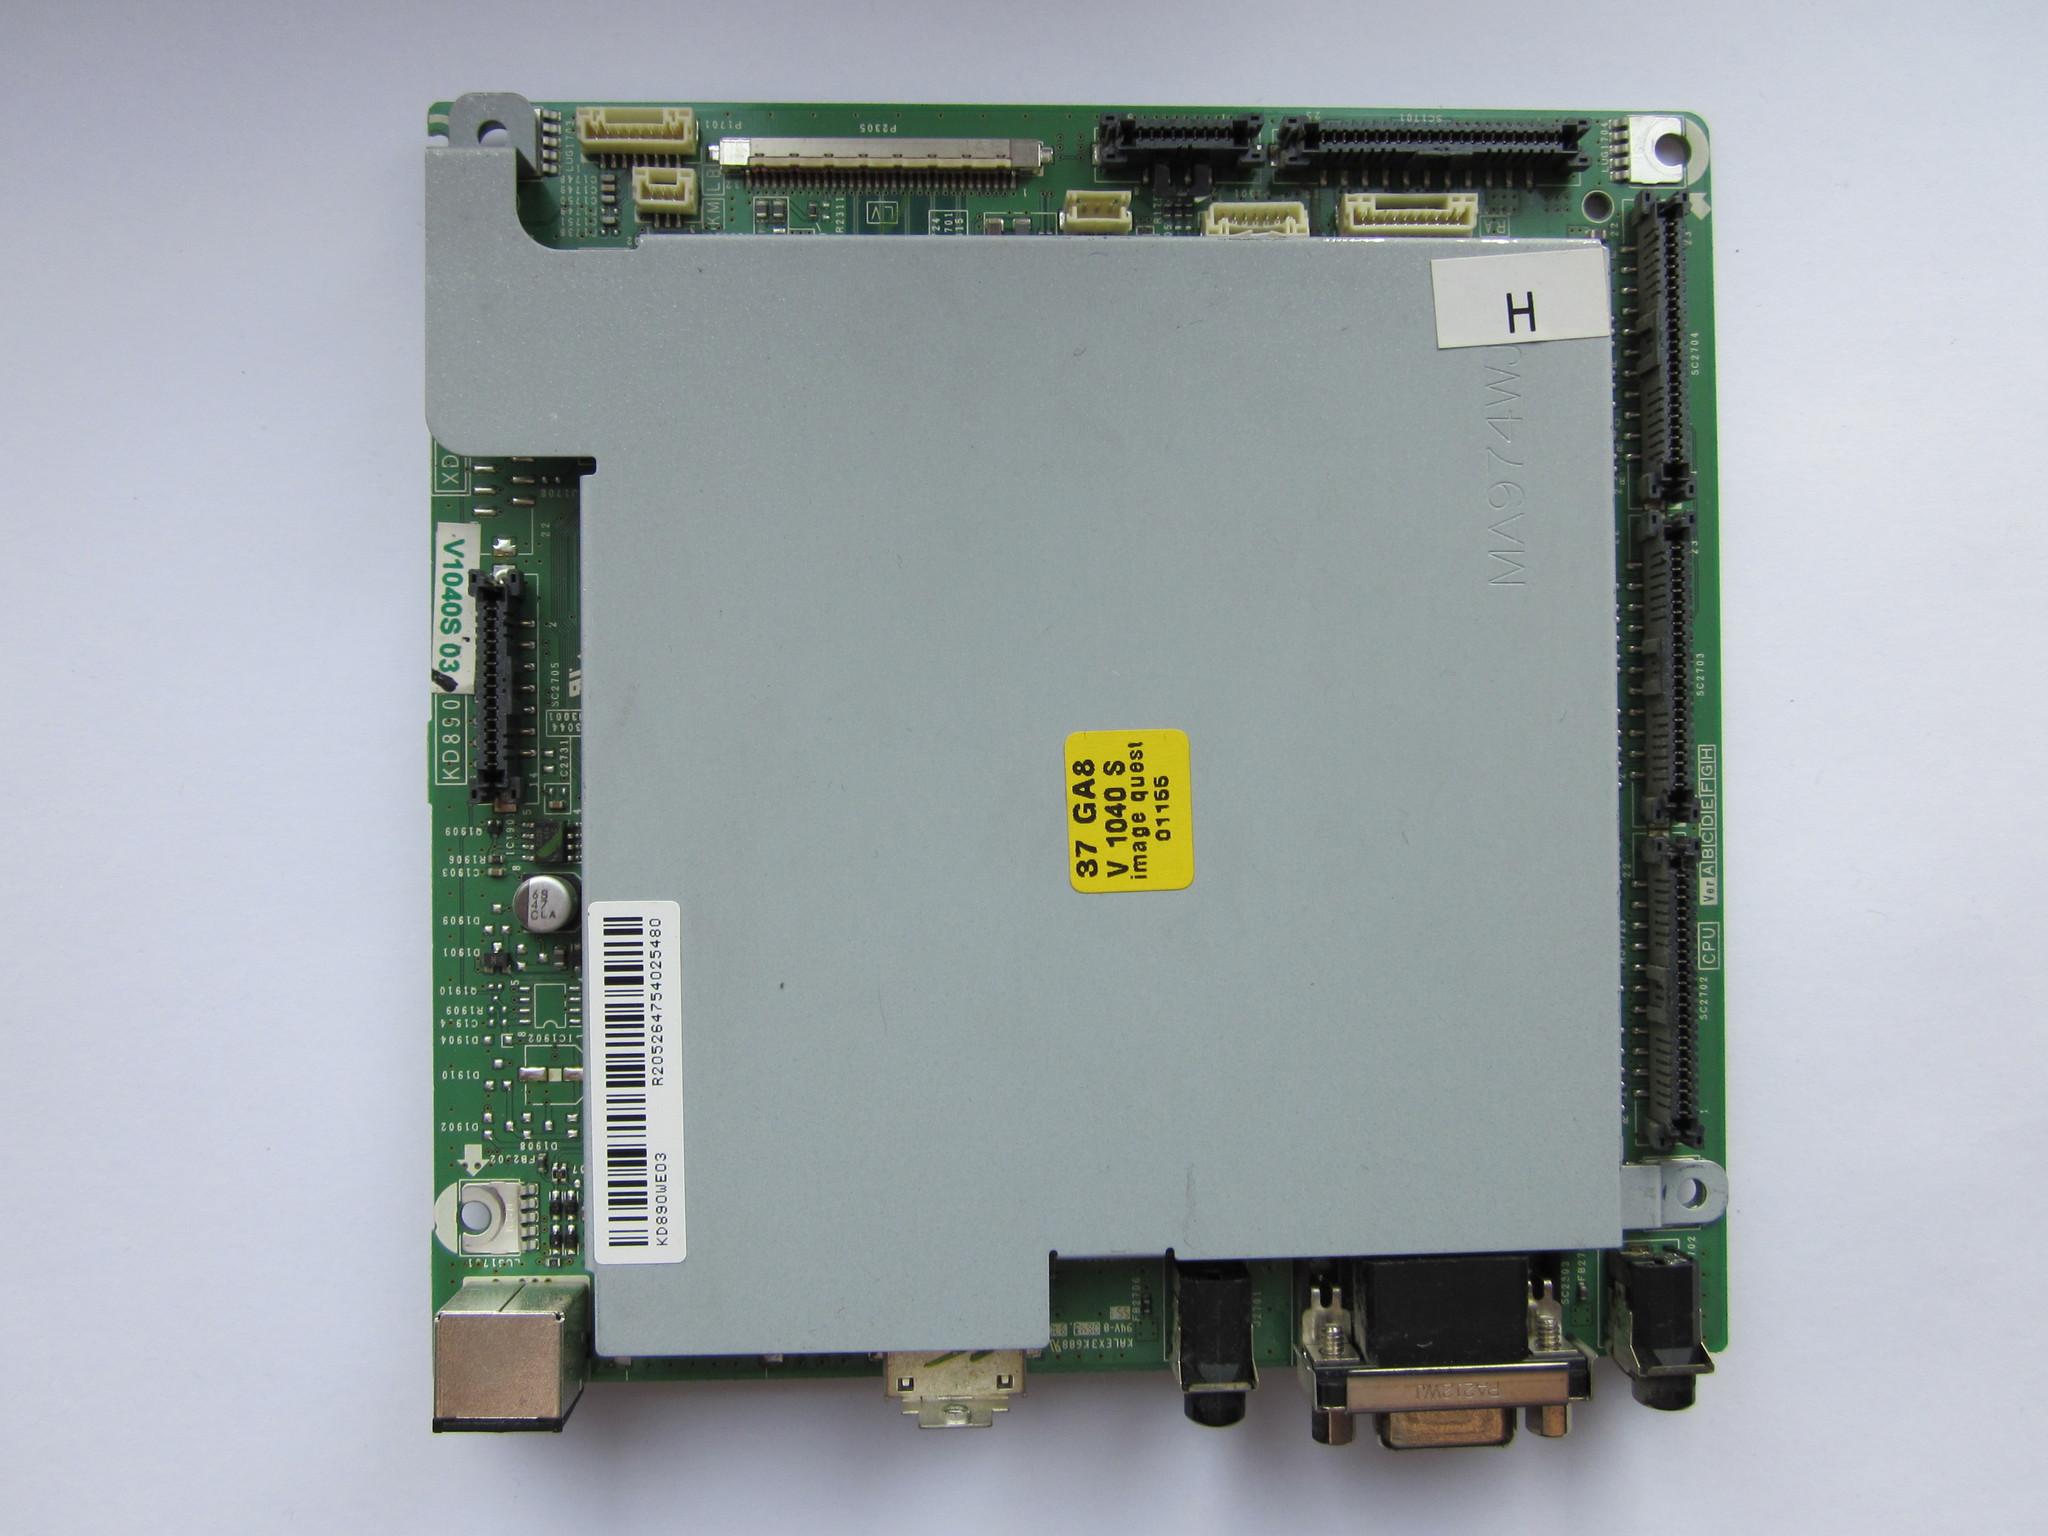 XD890WJN4 SSB